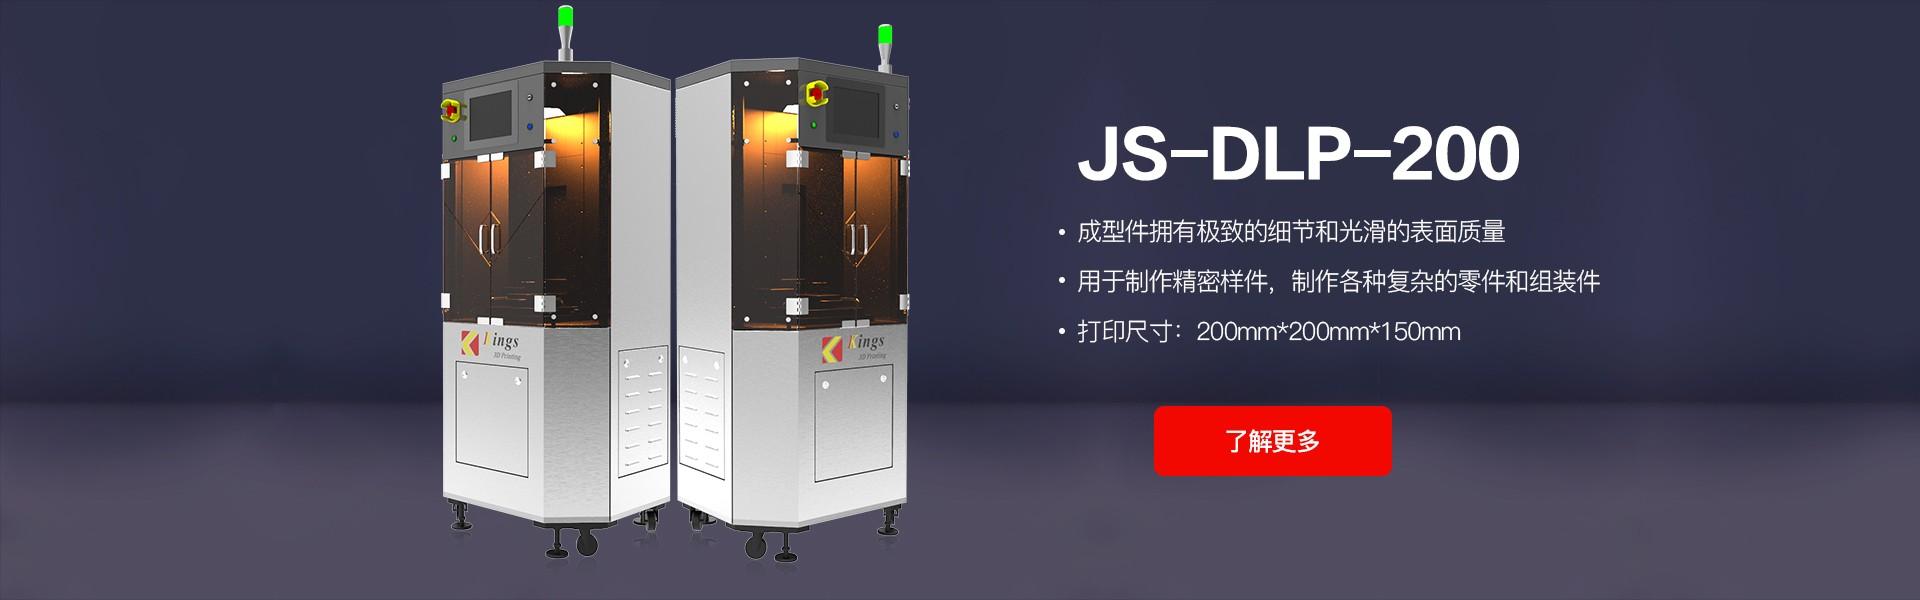 JS-DLP-200